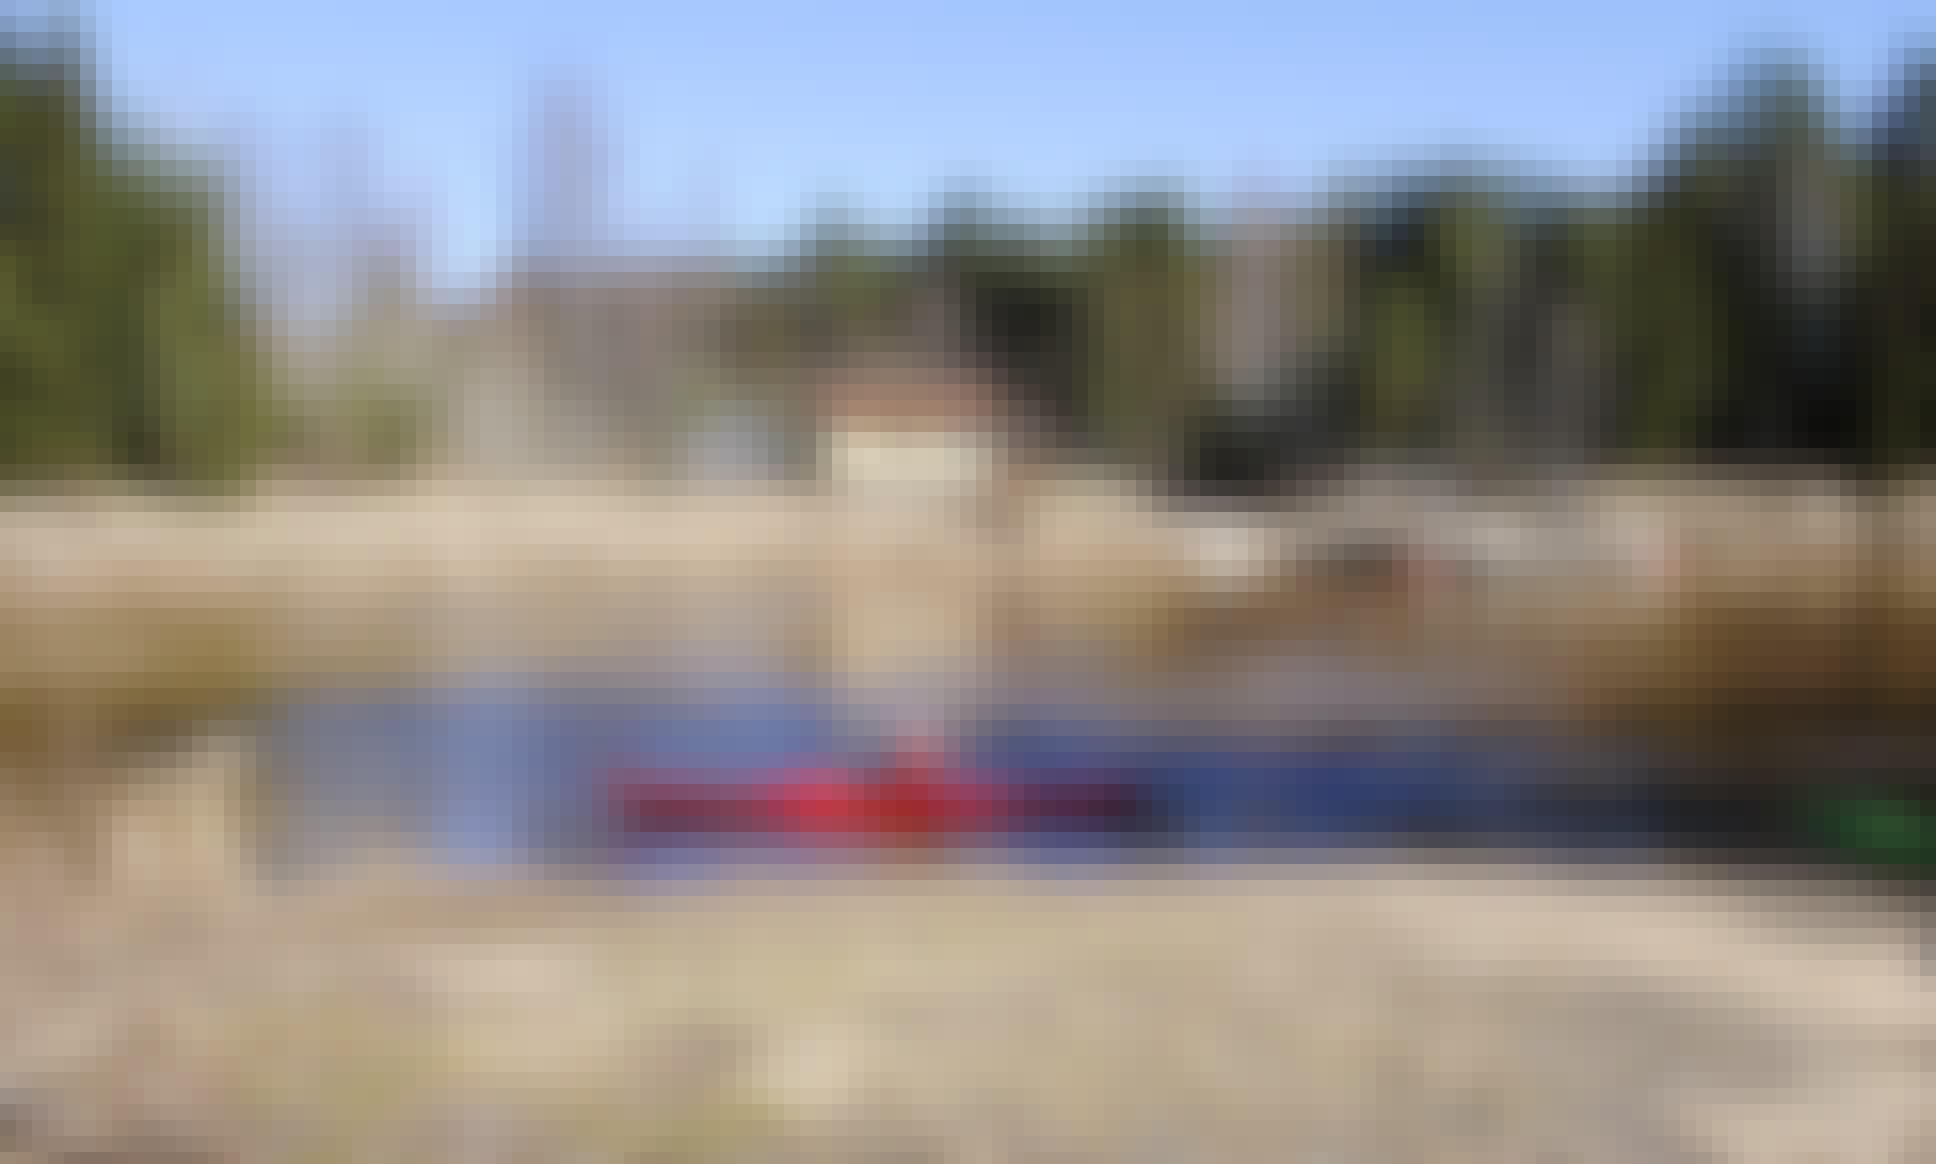 Kayak Dag tiwok EVO, Kayak and Canoe rental in Glen Carbon